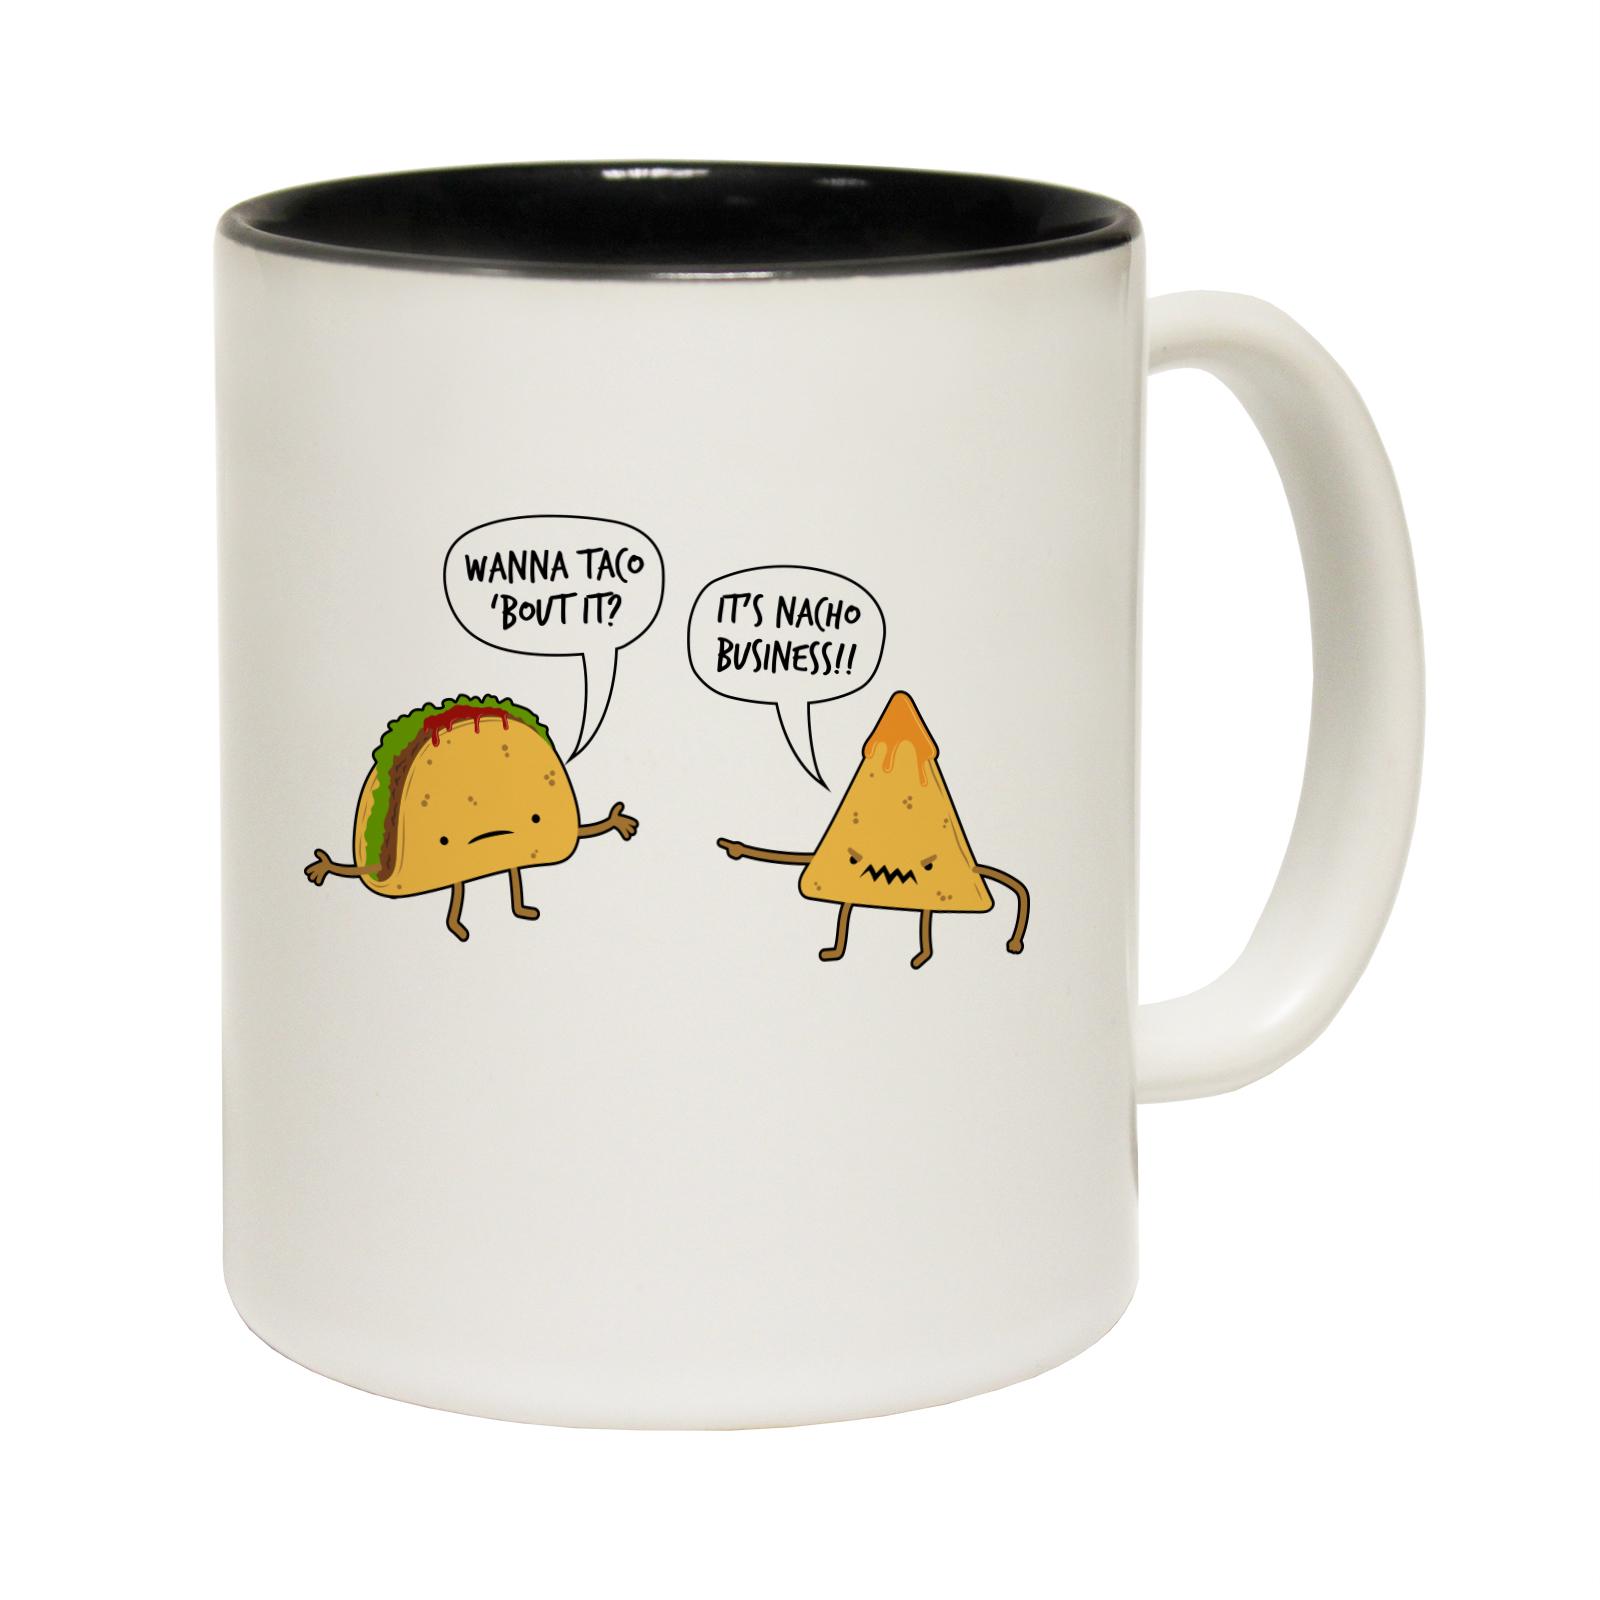 Furniture Puns Funny Mugs Wanna Taco Bout It Joke Kitchen Novelty Mug